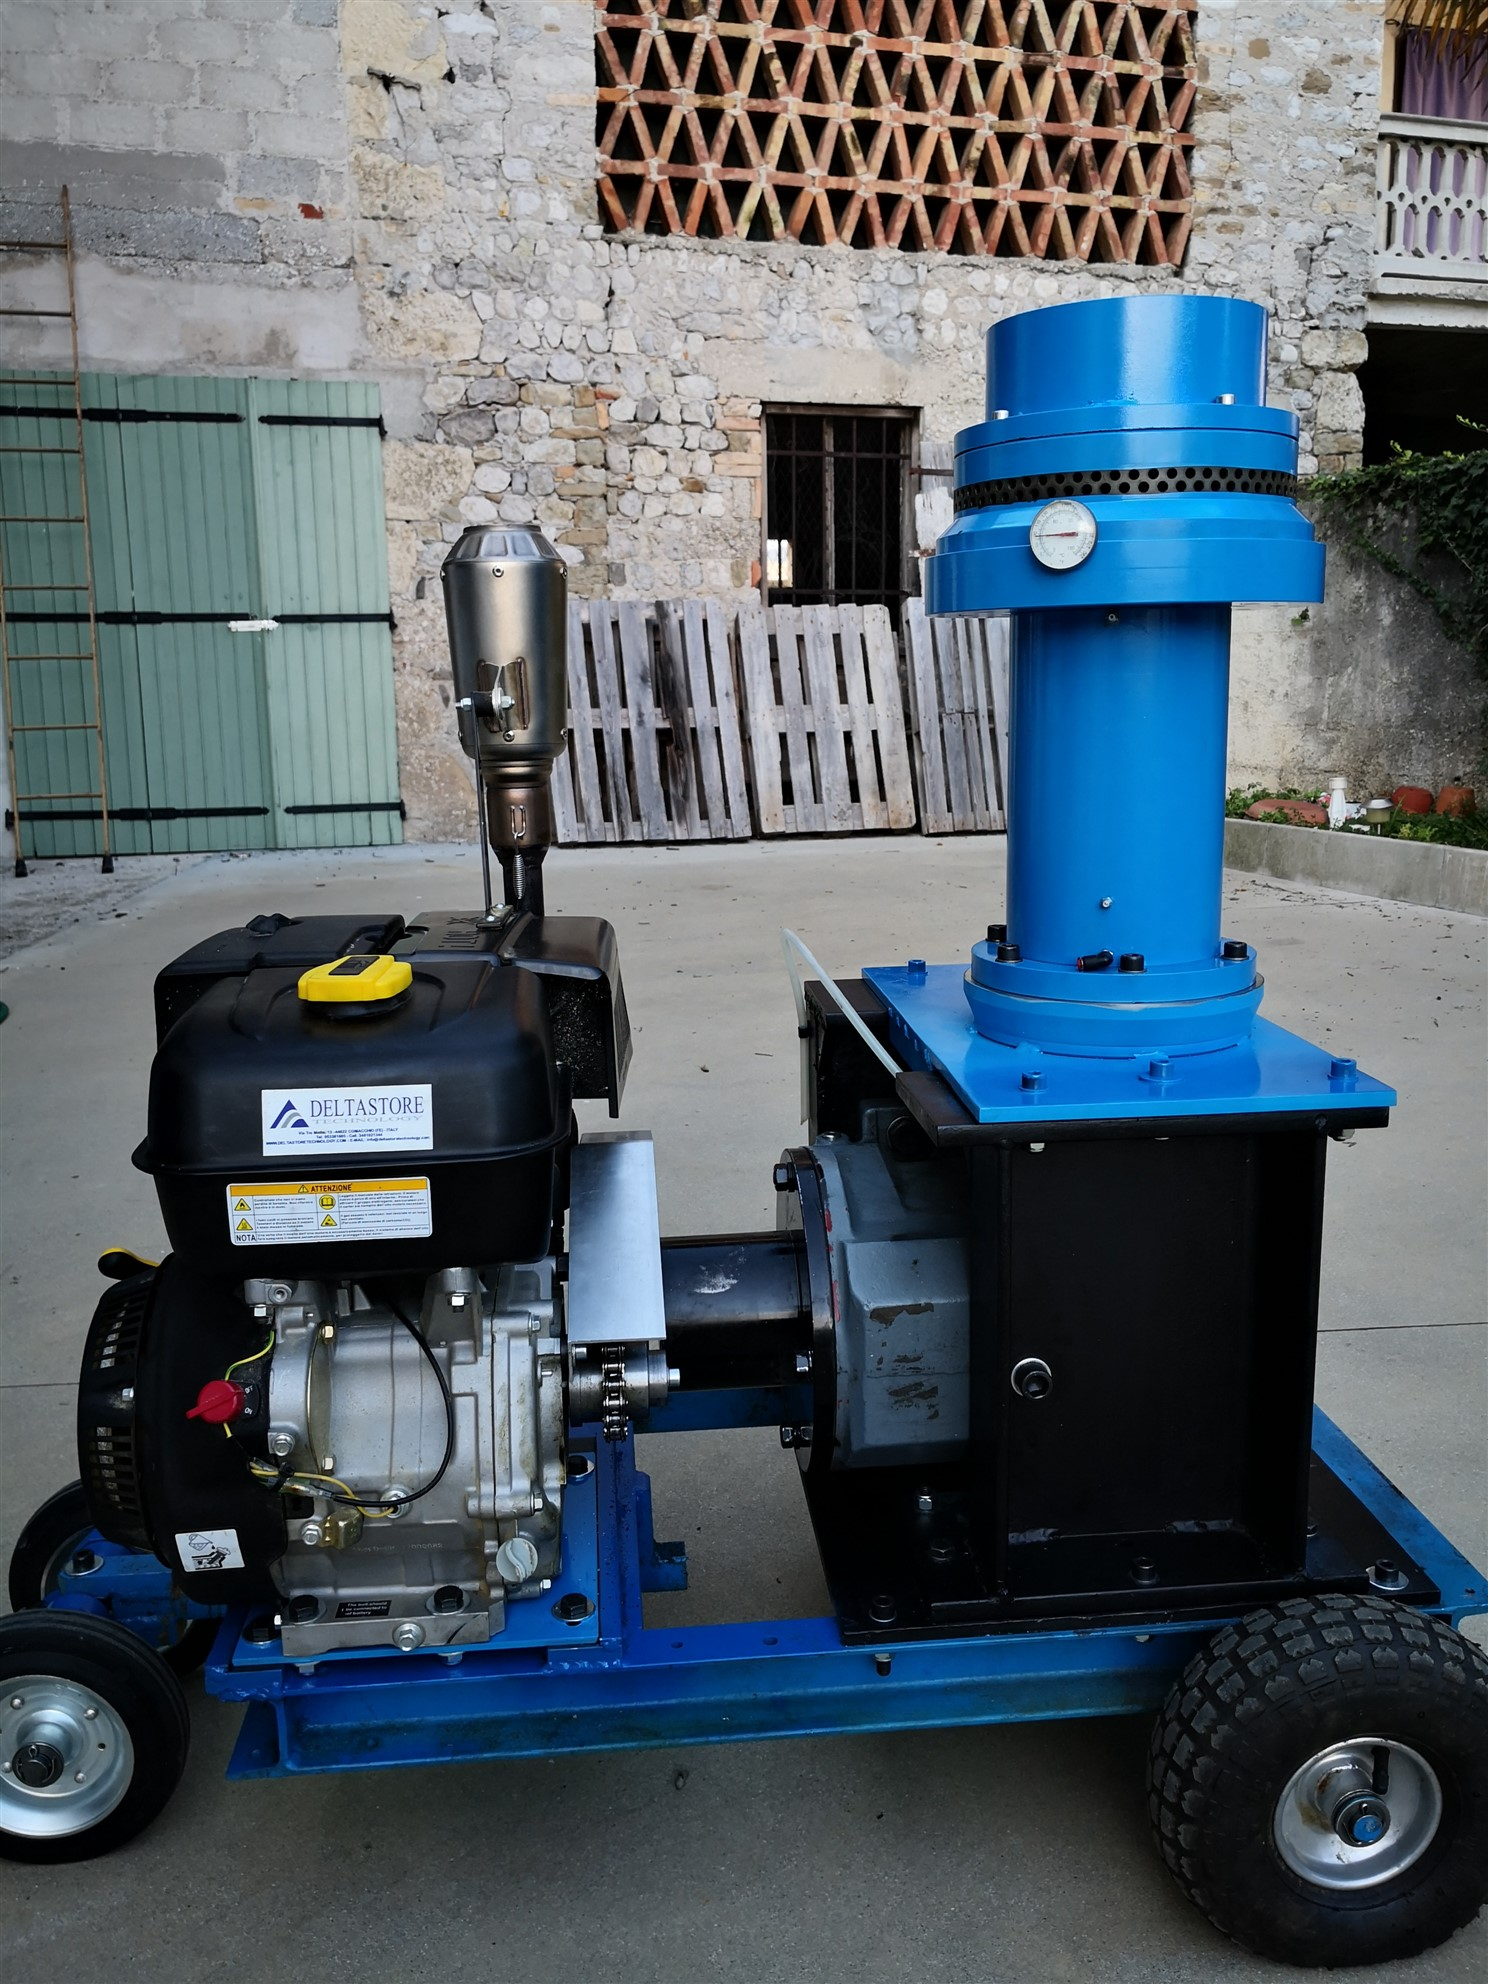 http://www.energialternativa.info/public/newforum/ForumEA/U/3_6.jpg